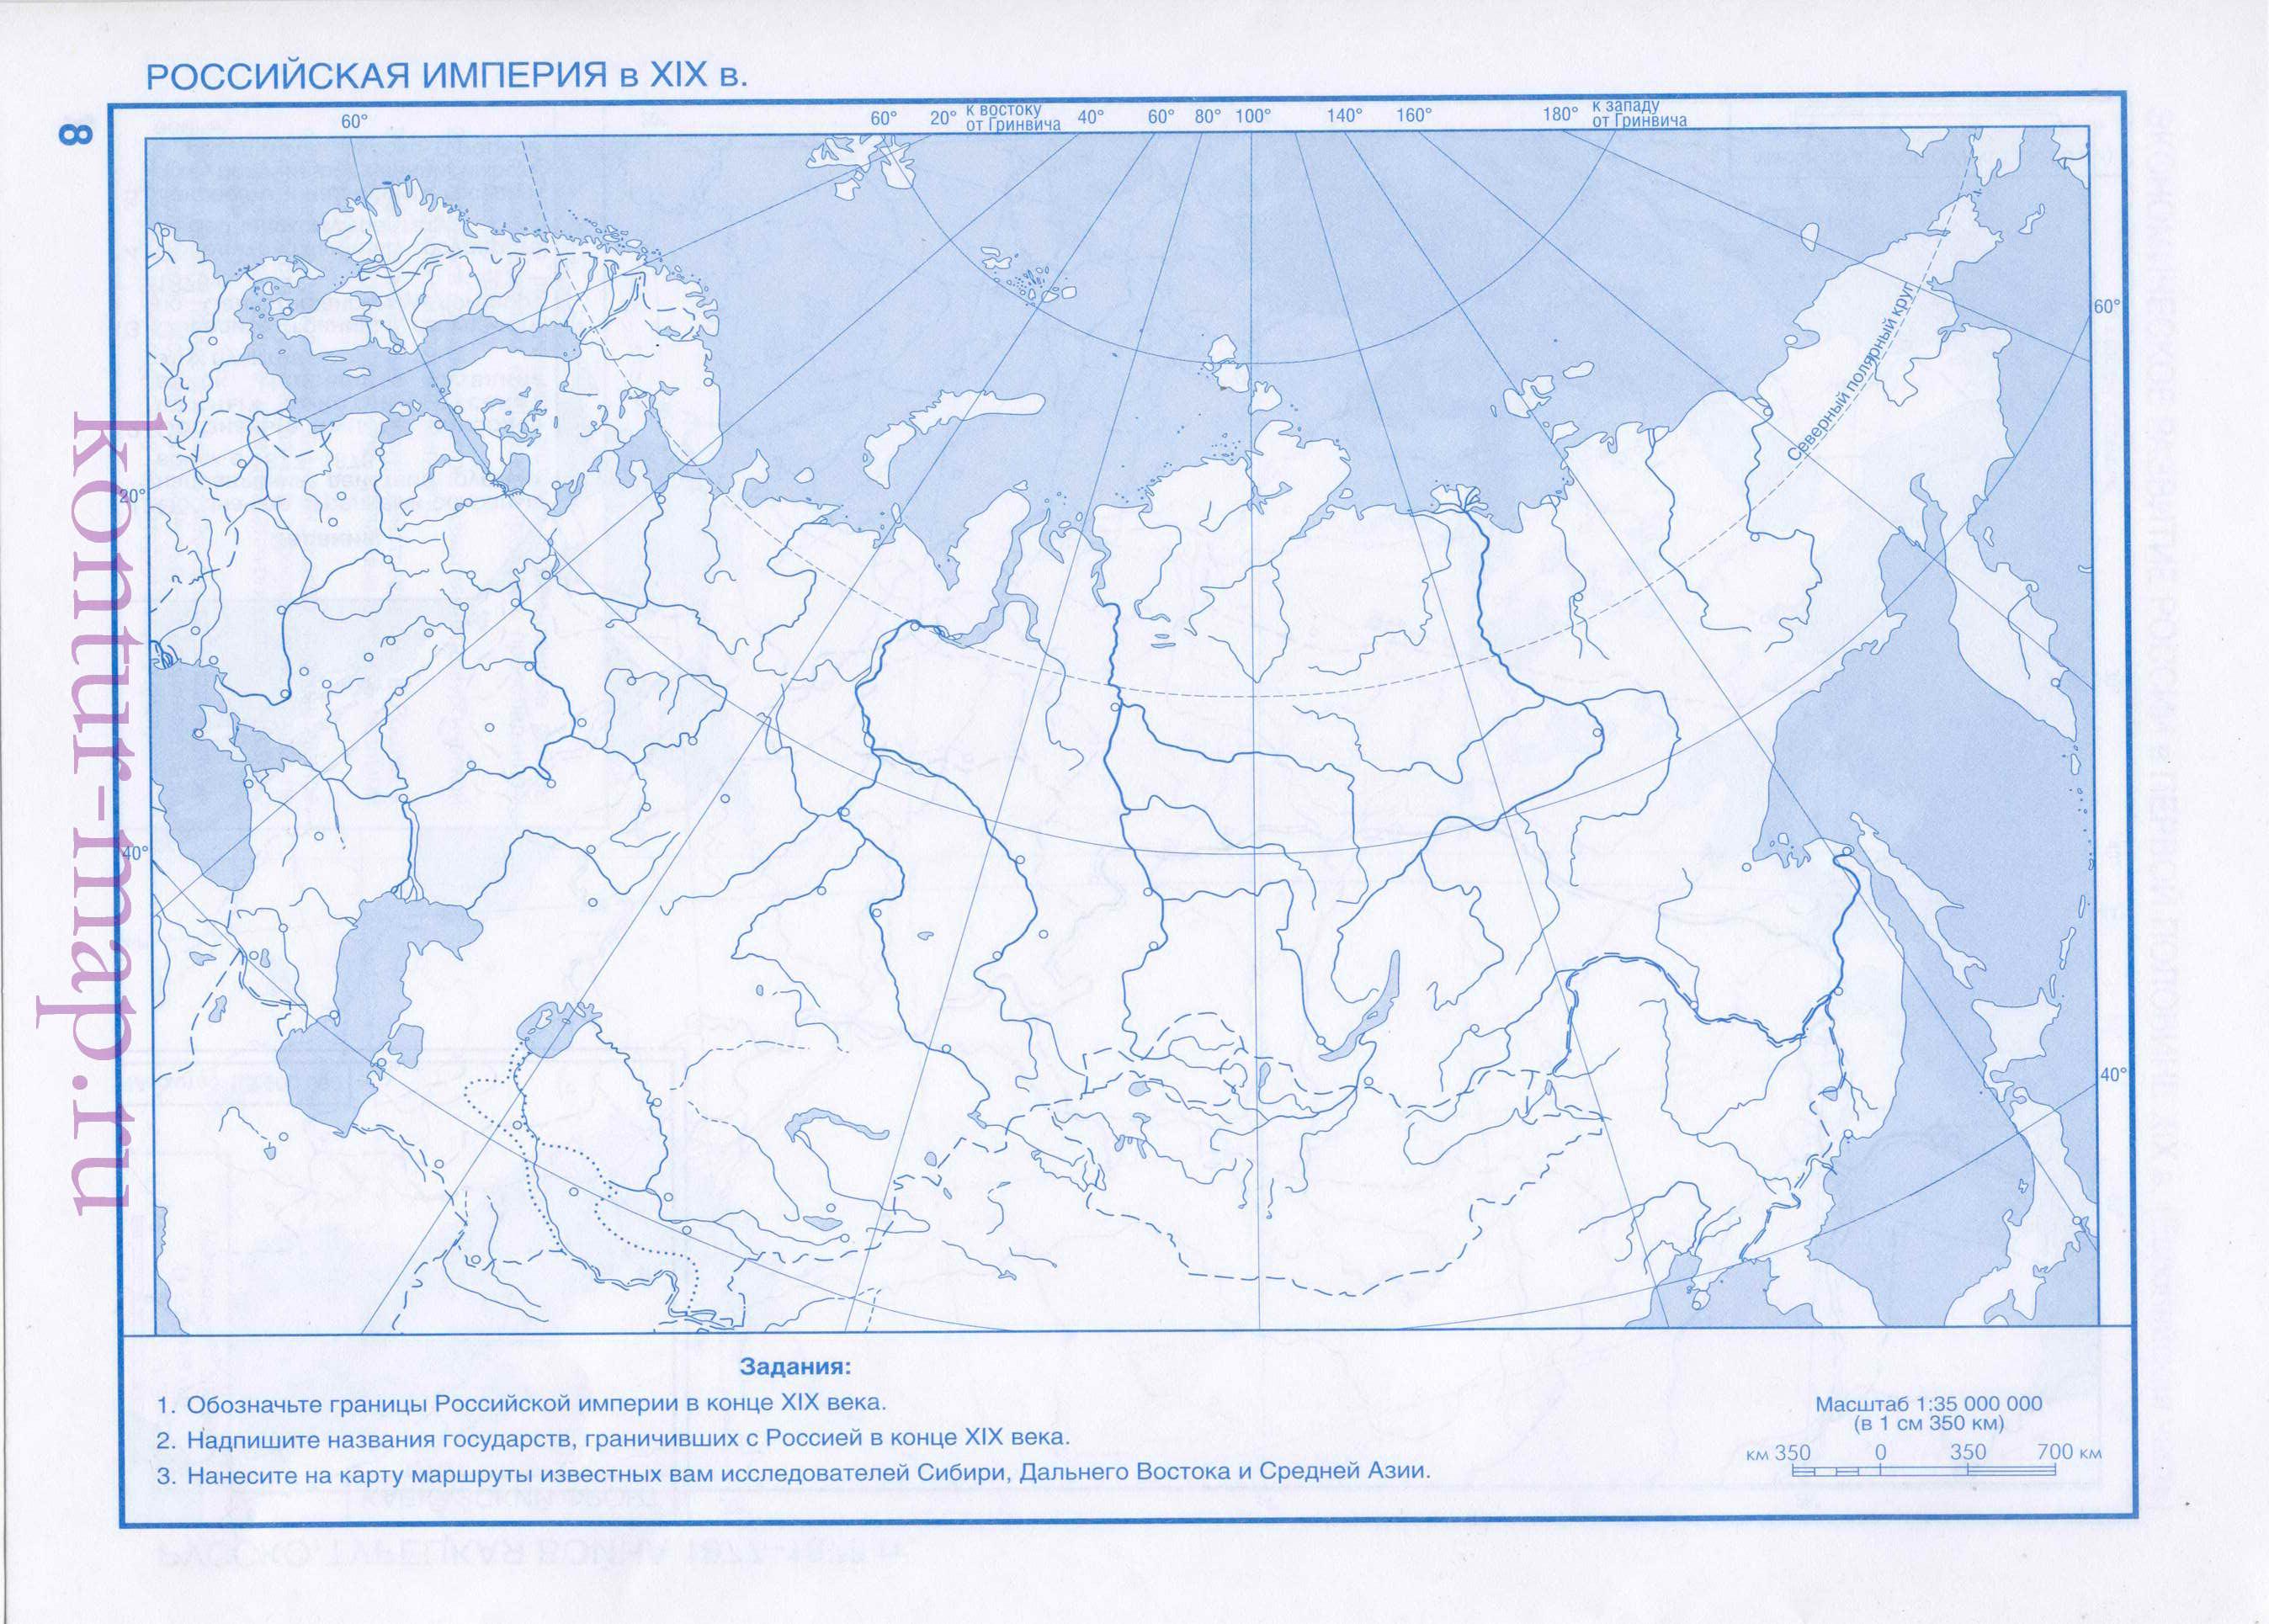 Контурная карта российской империи в